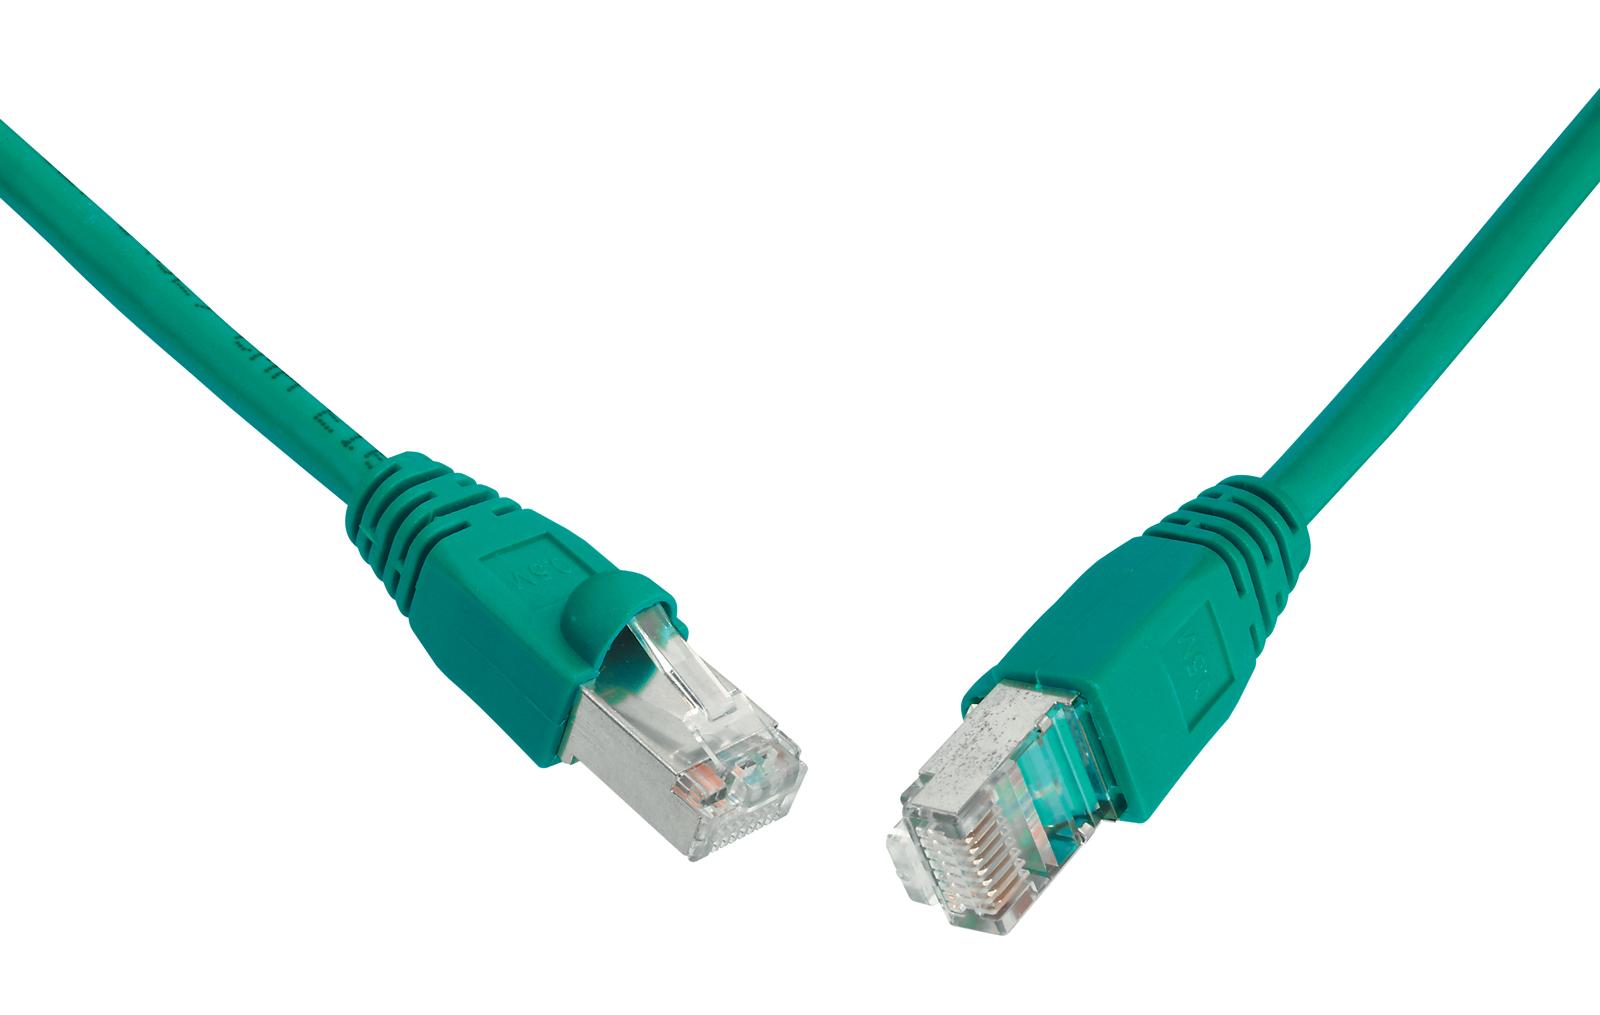 SOLARIX patch kabel CAT6 UTP PVC 1m zelený snag-proof - C6-114GR-1MB